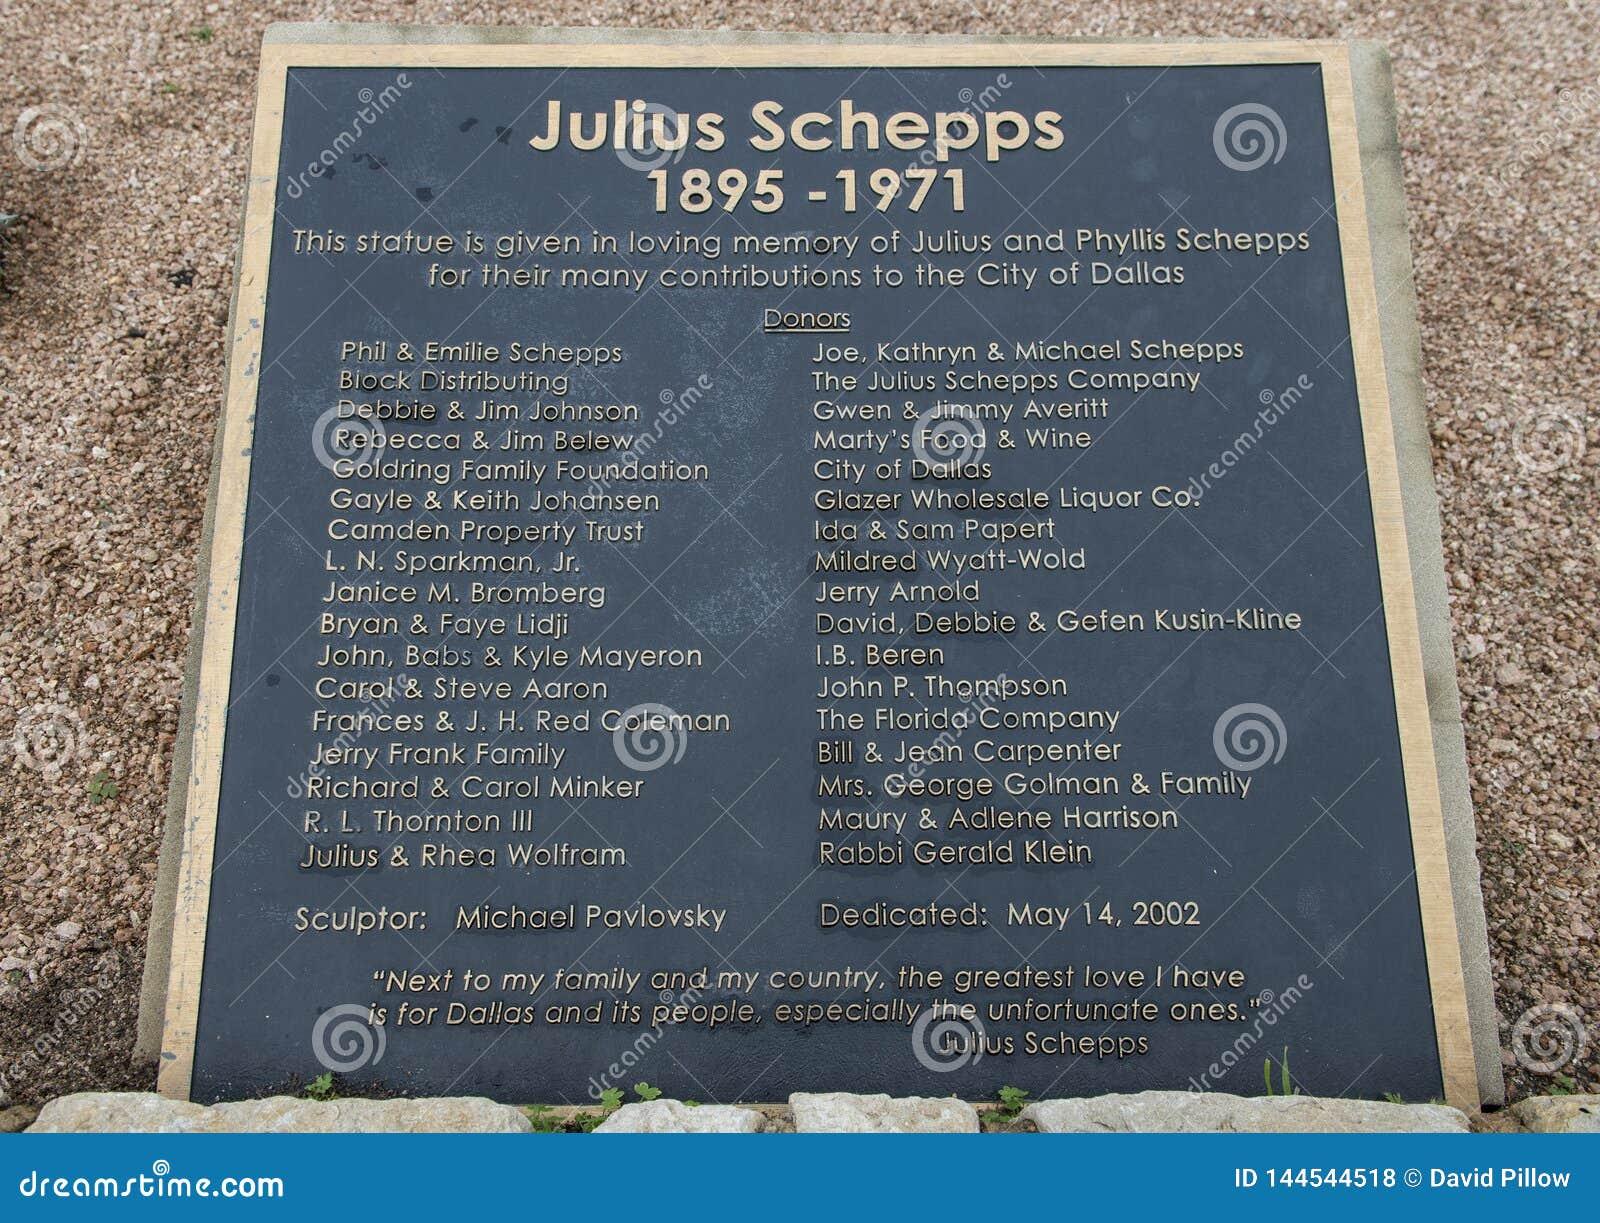 Πινακίδα πληροφοριών για το γλυπτό χαλκού του Julius Schepps από Machael Pavolvsky στο πάρκο του Julius Schepps στο Ντάλλας, Τέξα